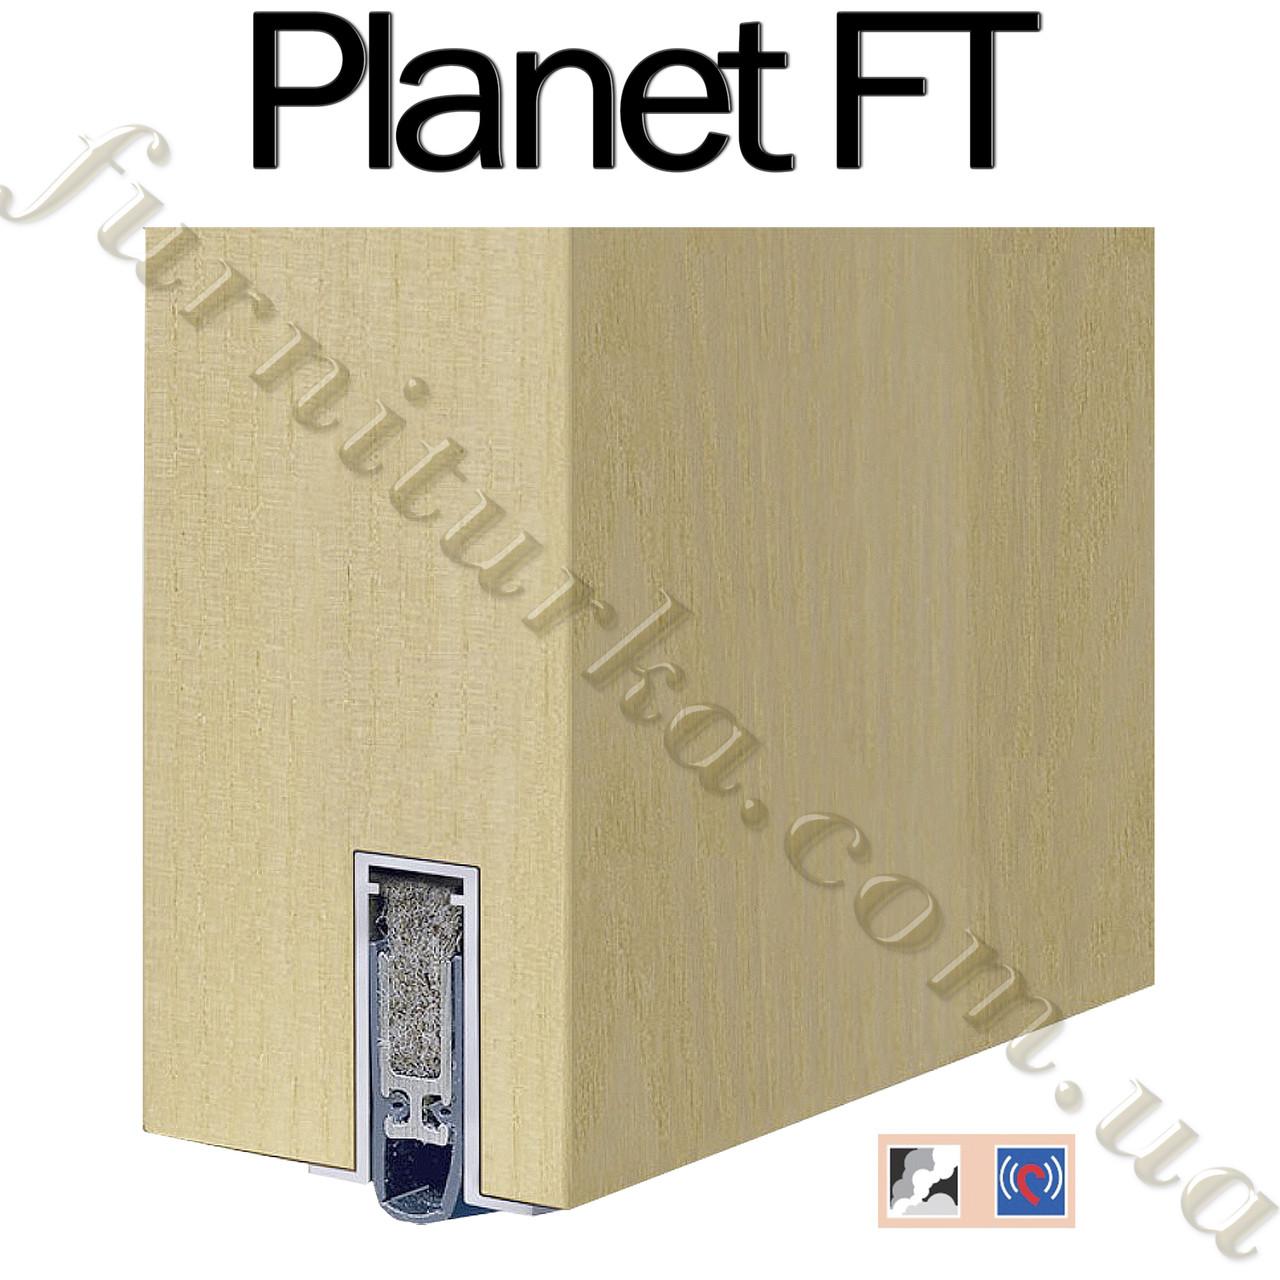 Самоопускающийся порог Planet FT 1350мм